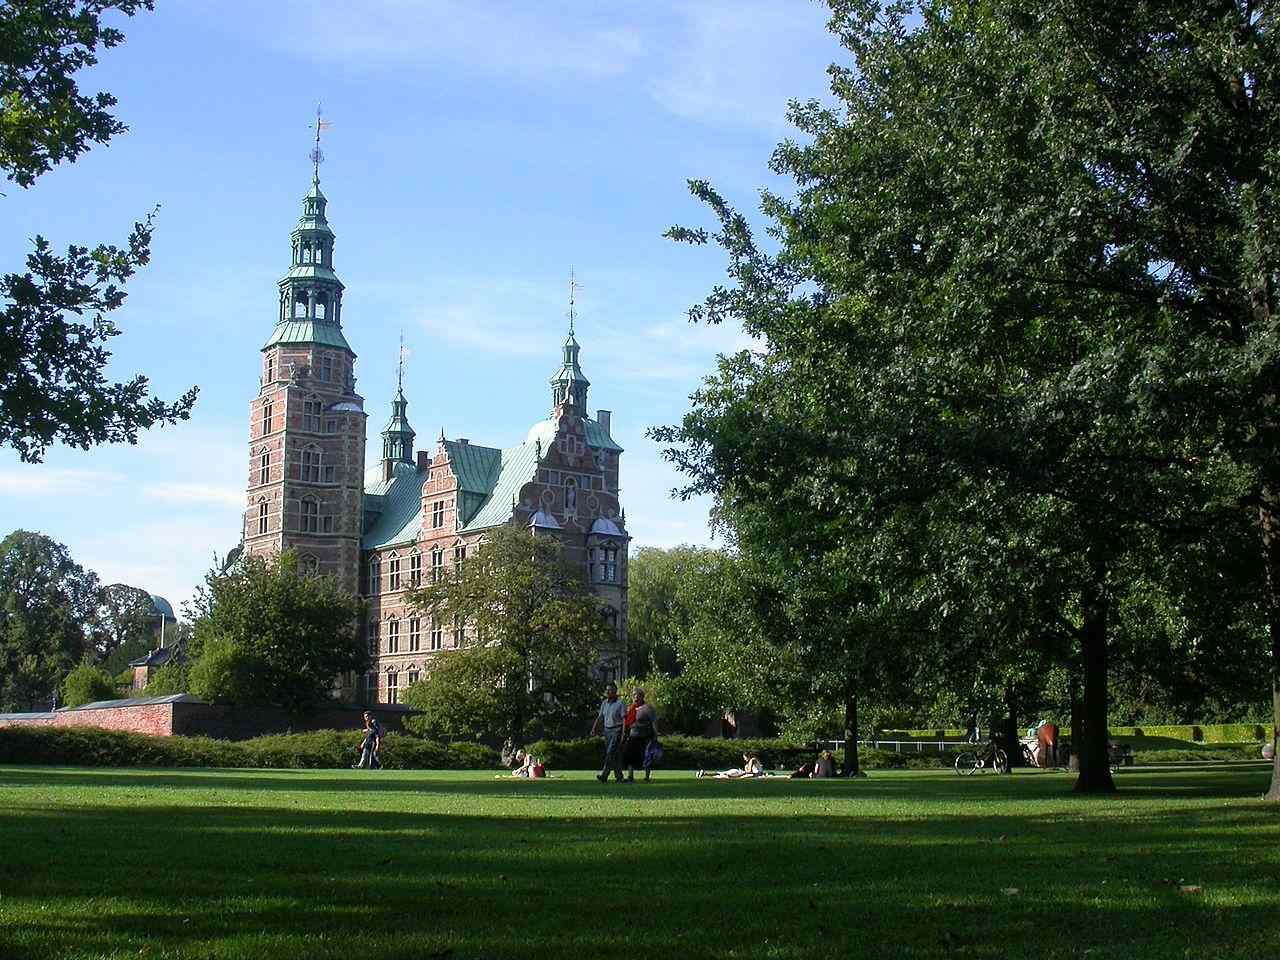 El jardín del rey en el castillo de Rosenborg.